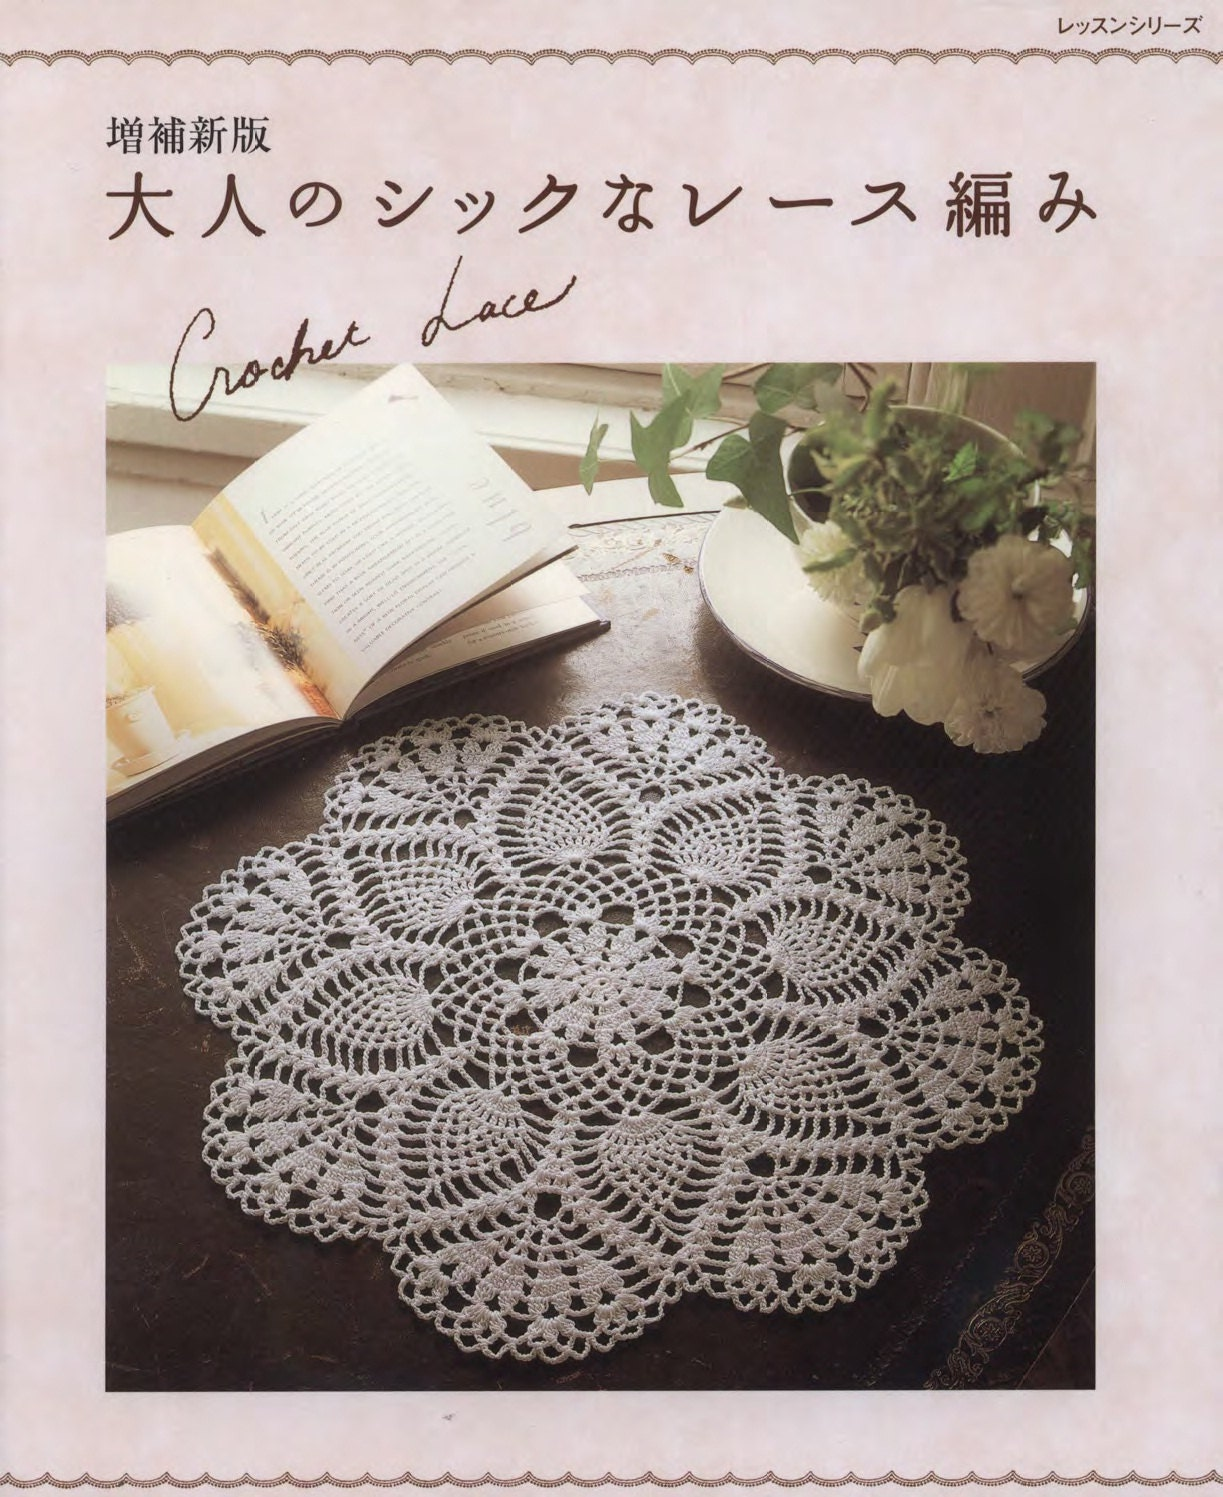 Crochet Lace Crochet Doily Patterns Japanese Craft Ebook Etsy